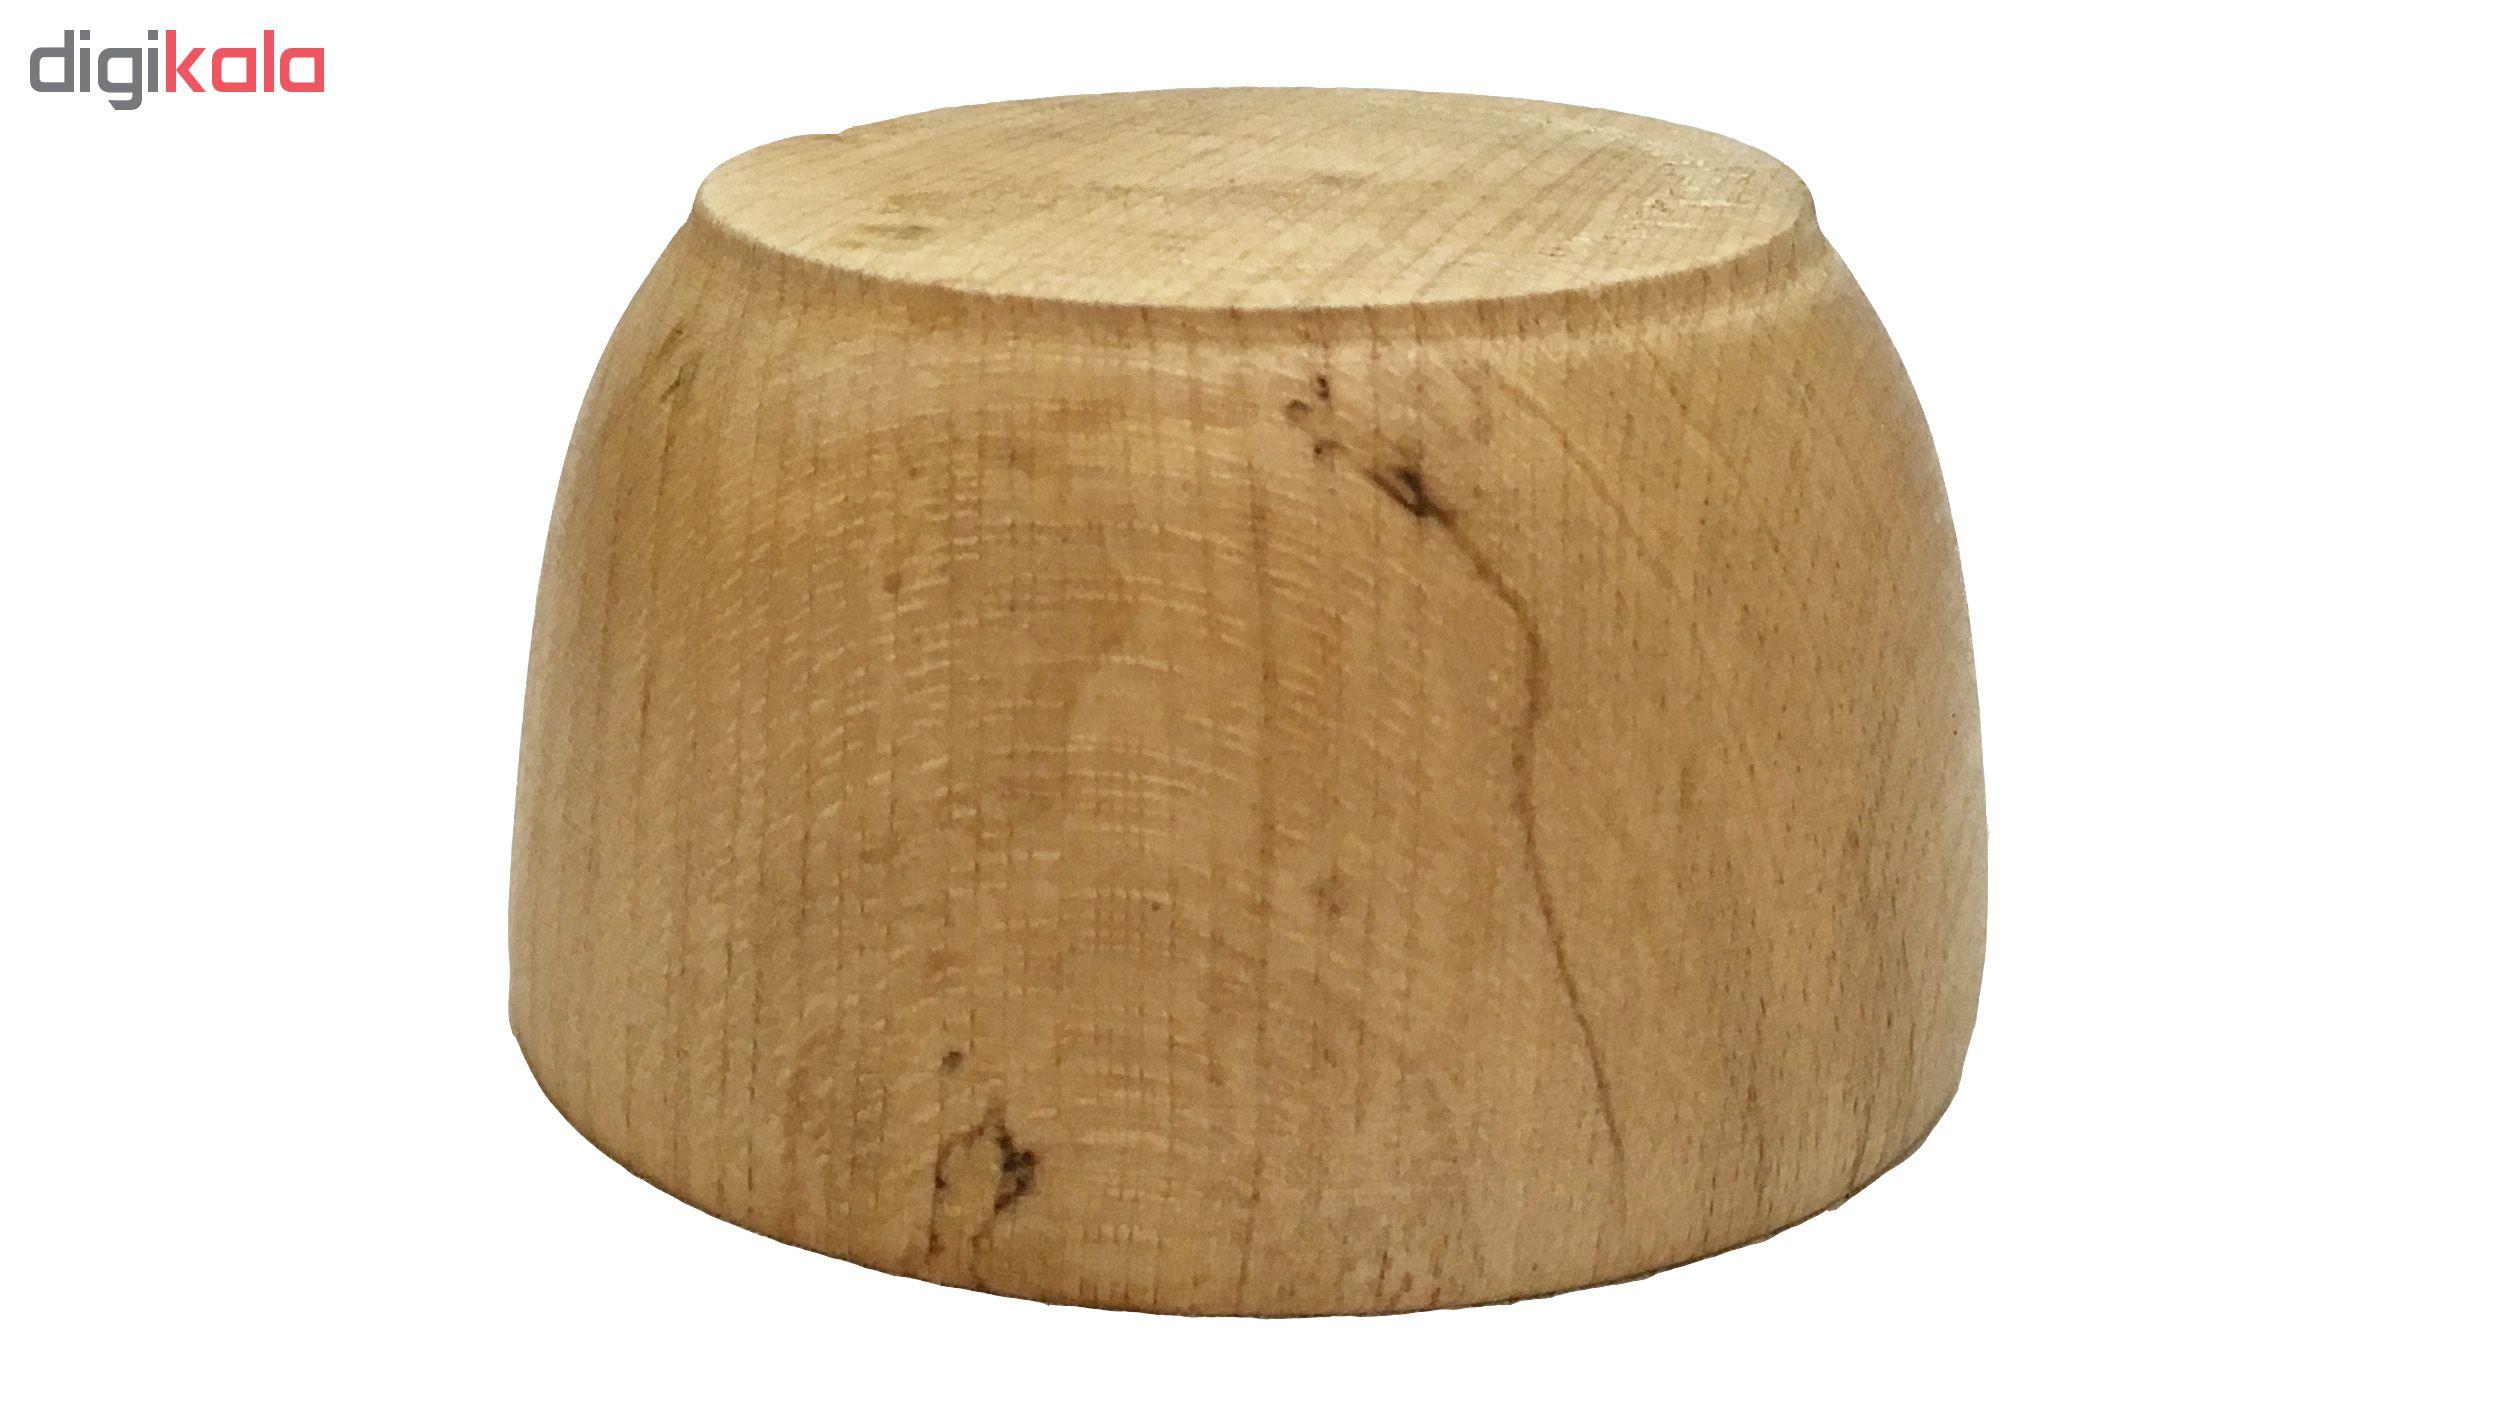 کاسه چوبی مدل RIVER S3 بسته دو عددی